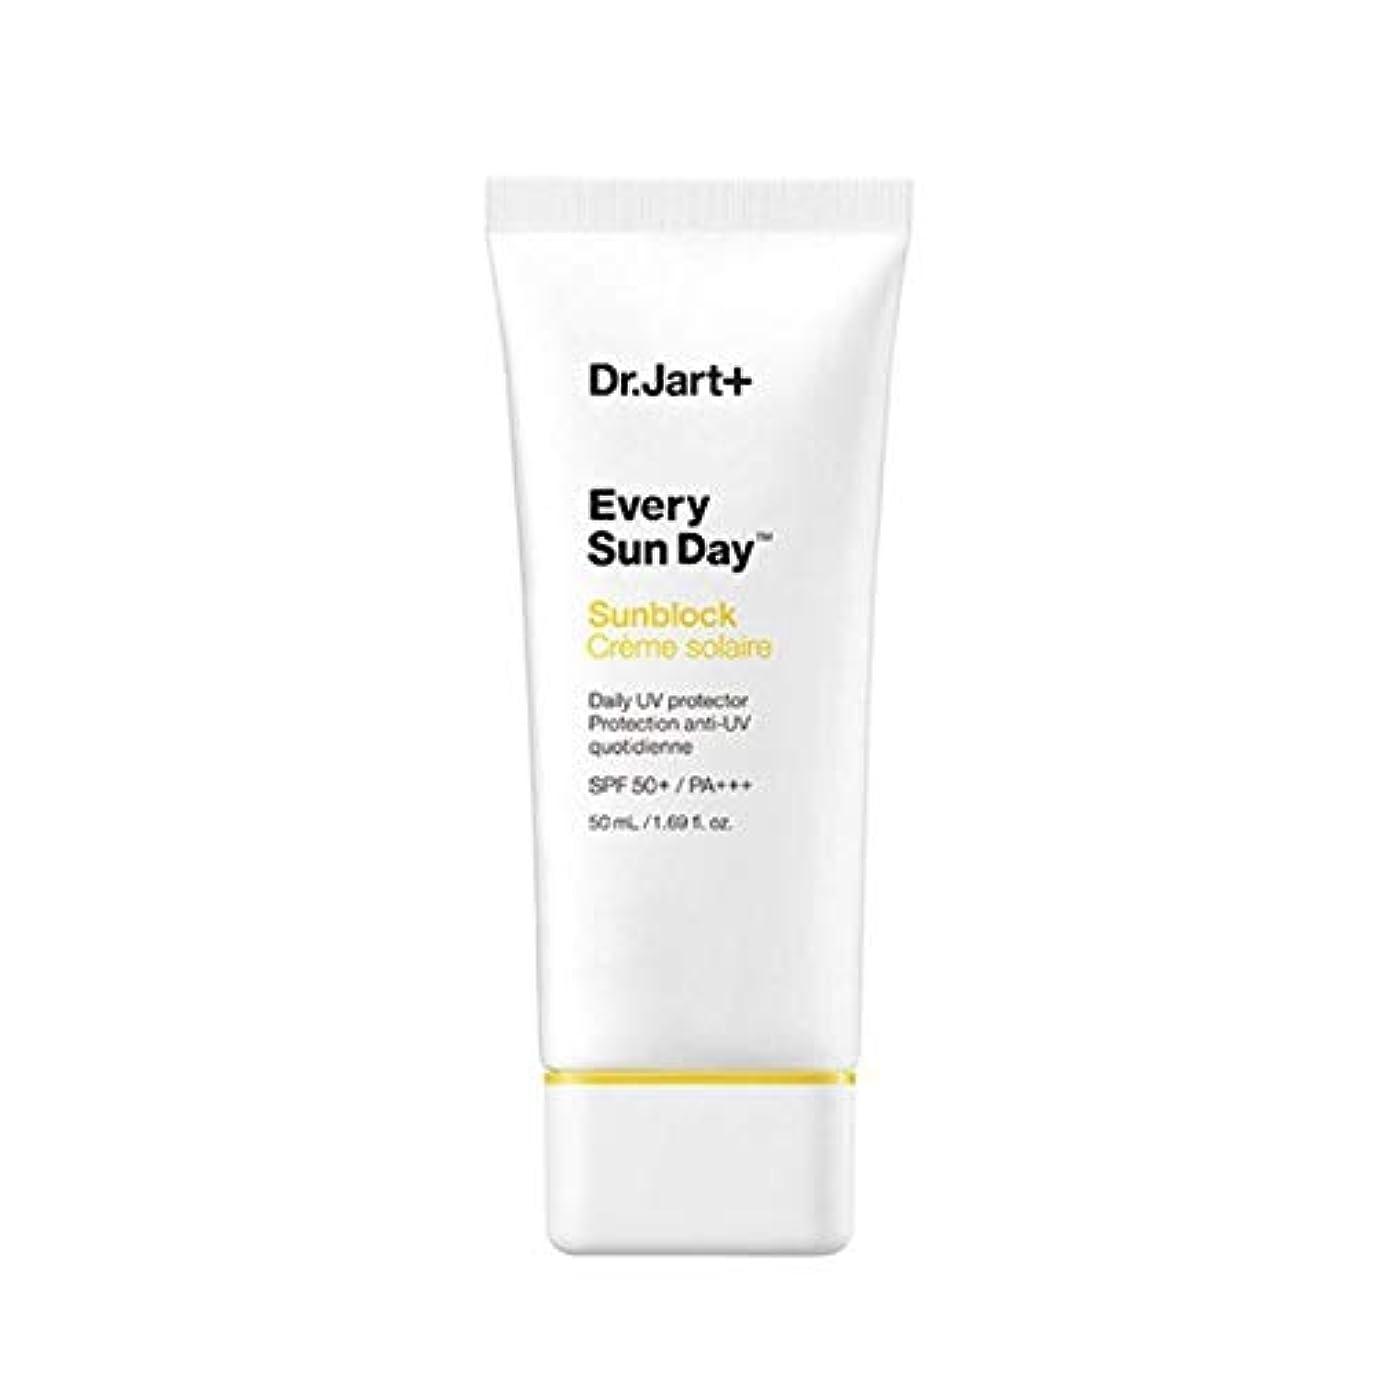 困ったリーフレット子羊ドクタージャルトゥエブリサンデーサンブロック50mlサンクリーム韓国コスメ、Dr.Jart Every Sun Day Sun Block 50ml Sun Cream Korean Cosmetics [並行輸入品]